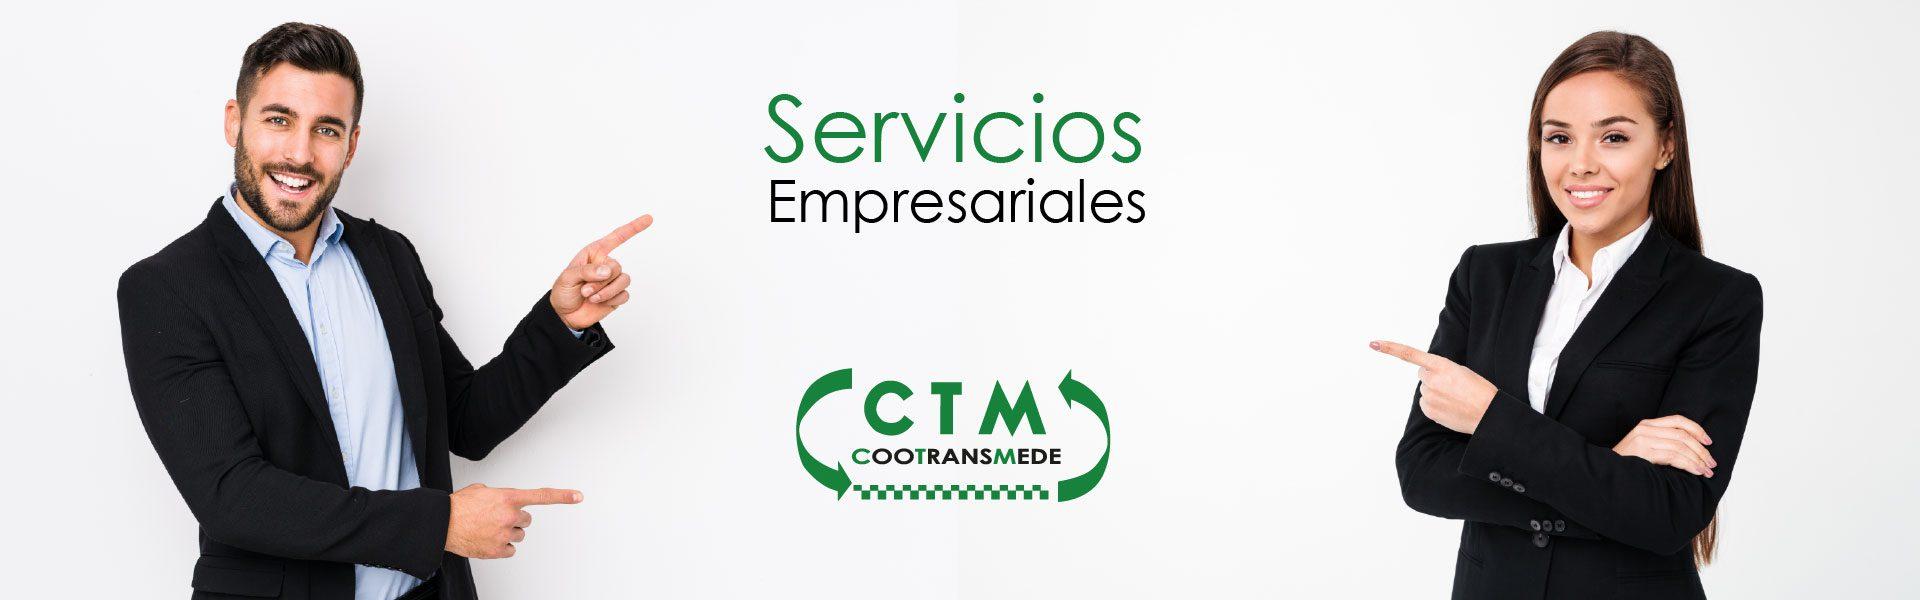 Banner-ServiciosEmpresariales4